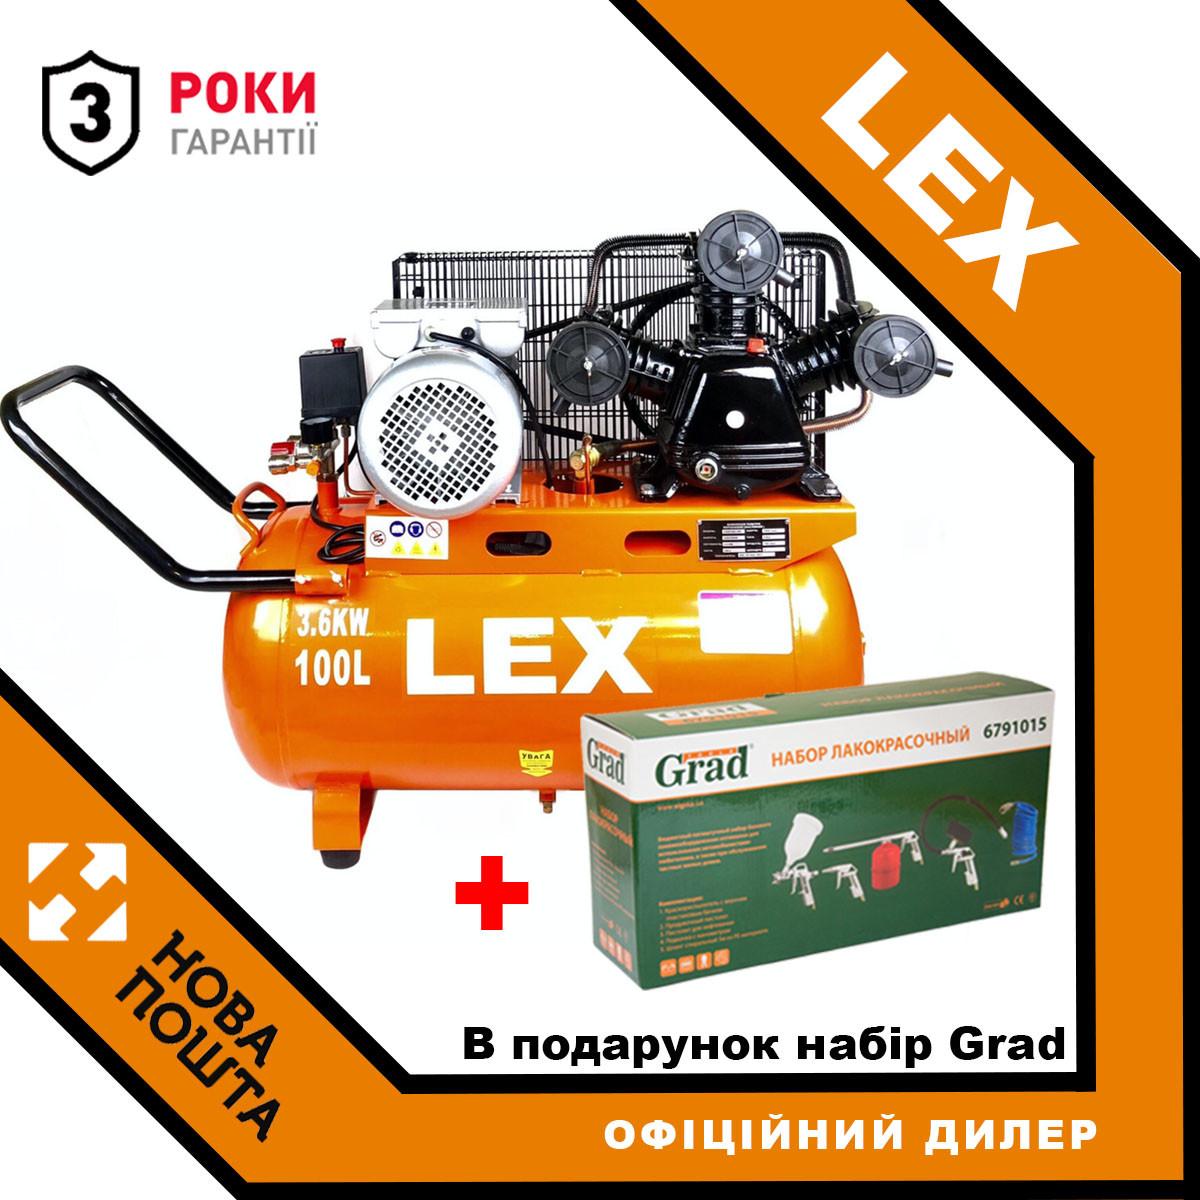 Воздушный компрессор LEX LXAC365-100 + Набор лакокрасочный 5шт с в/б GRAD (6791015)